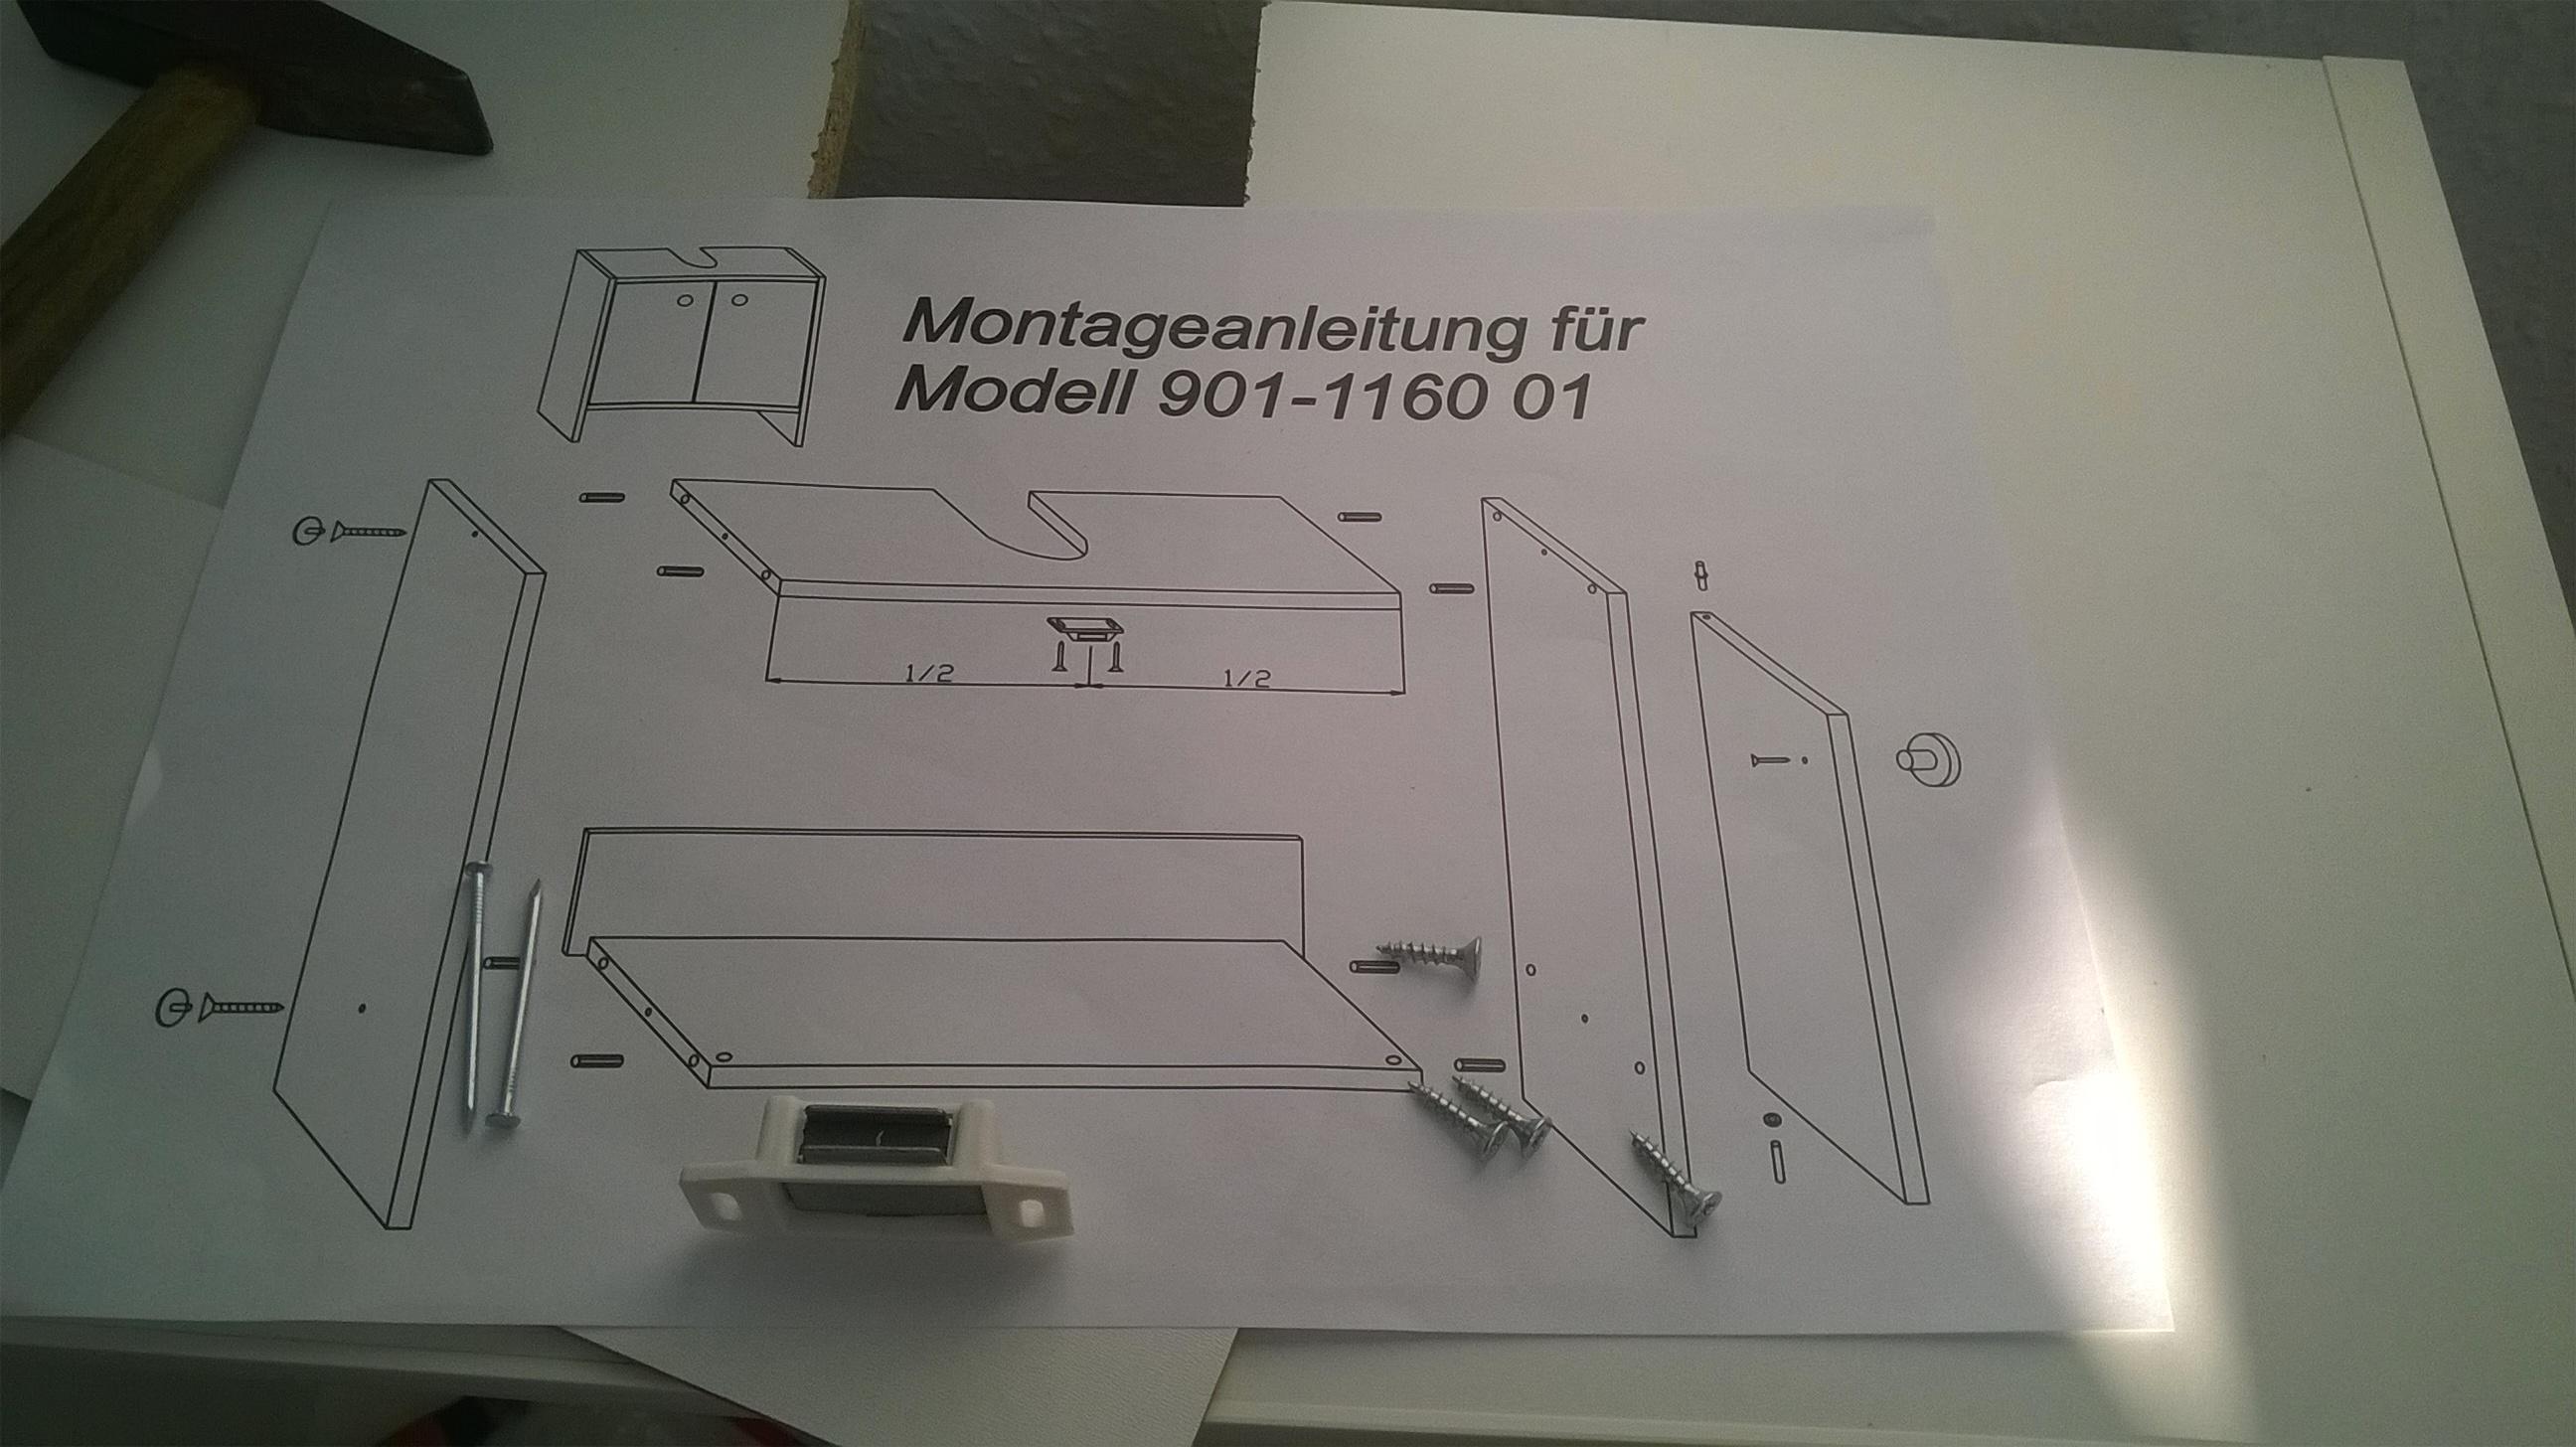 badezimmer waschbeckenunterschrank aufbauen roller montage schrank. Black Bedroom Furniture Sets. Home Design Ideas